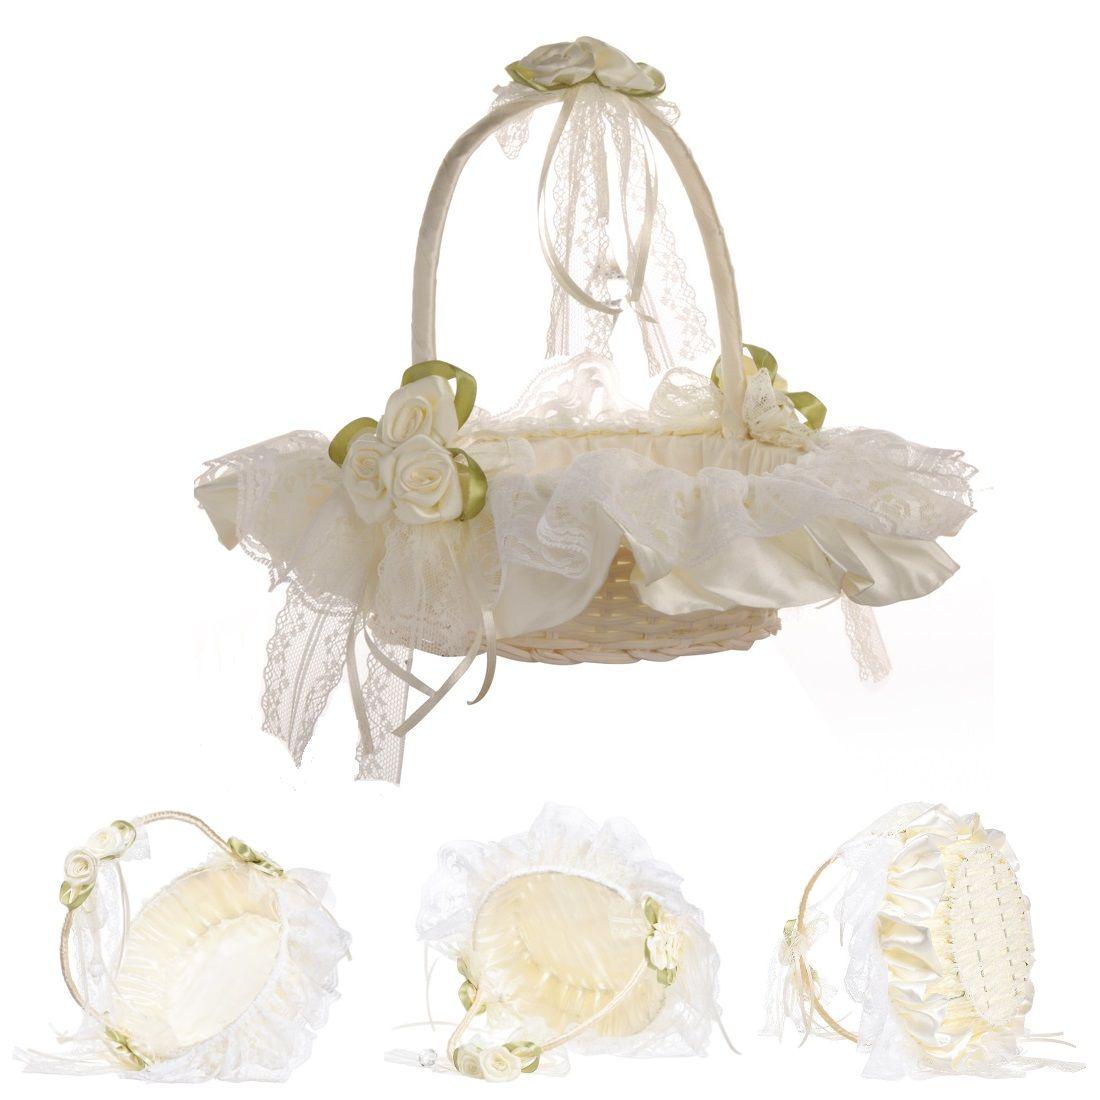 Beige Color Wedding Flower Basket With Elegant Satin Round And Champagne Rose Flower Girl Baskets Wedding Favors Decoration